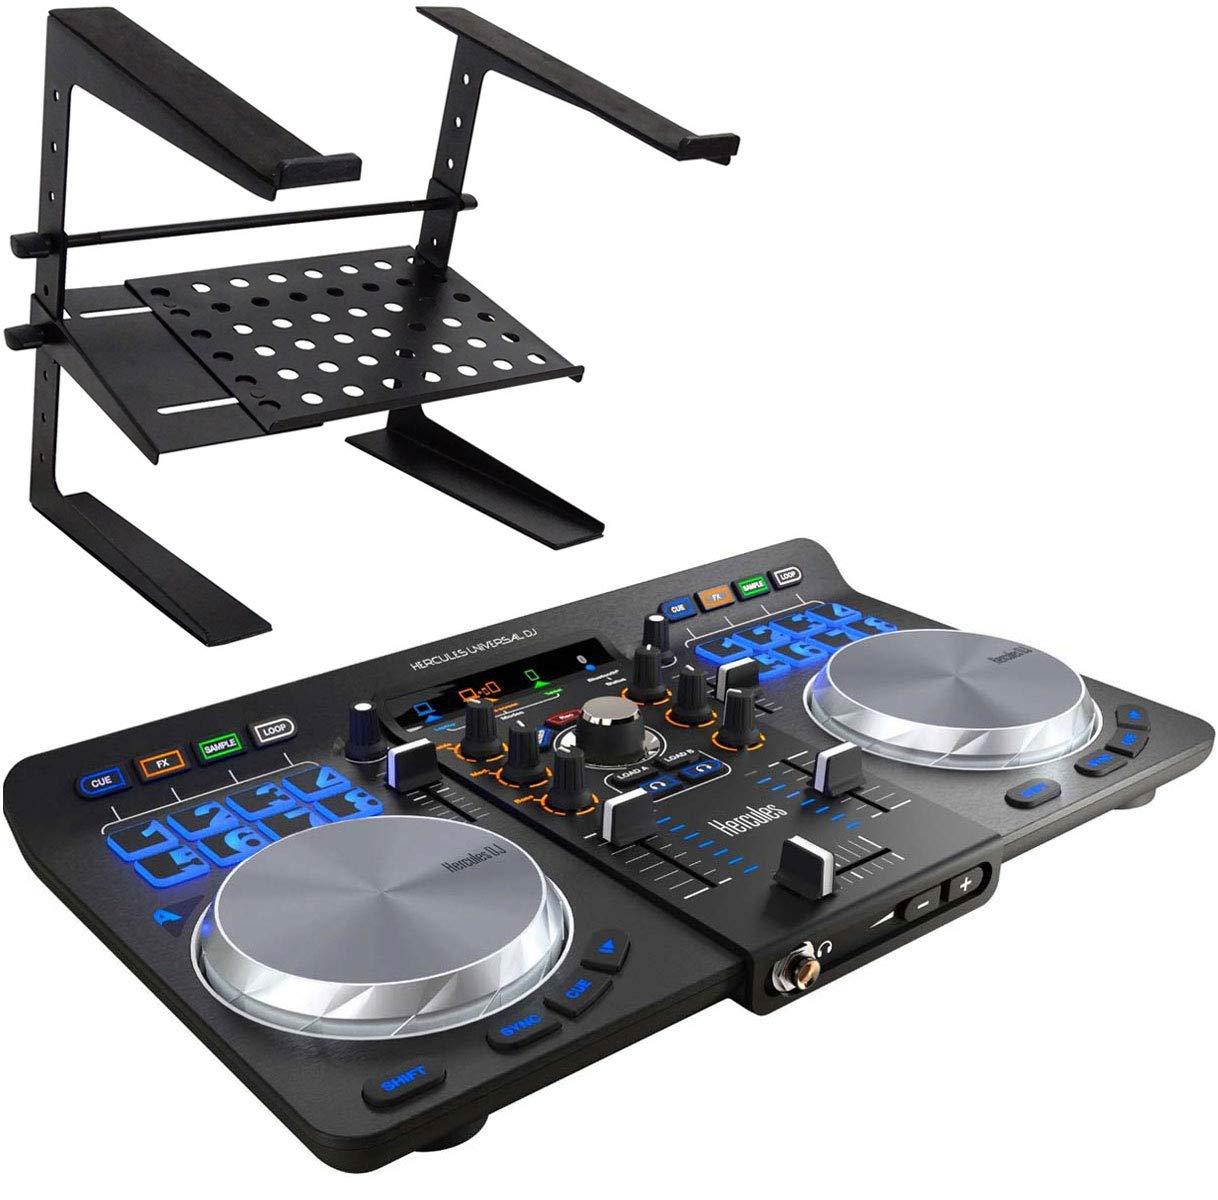 Hercules - Controlador universal para DJ (USB, Bluetooth, incluye accesorios): Amazon.es: Instrumentos musicales